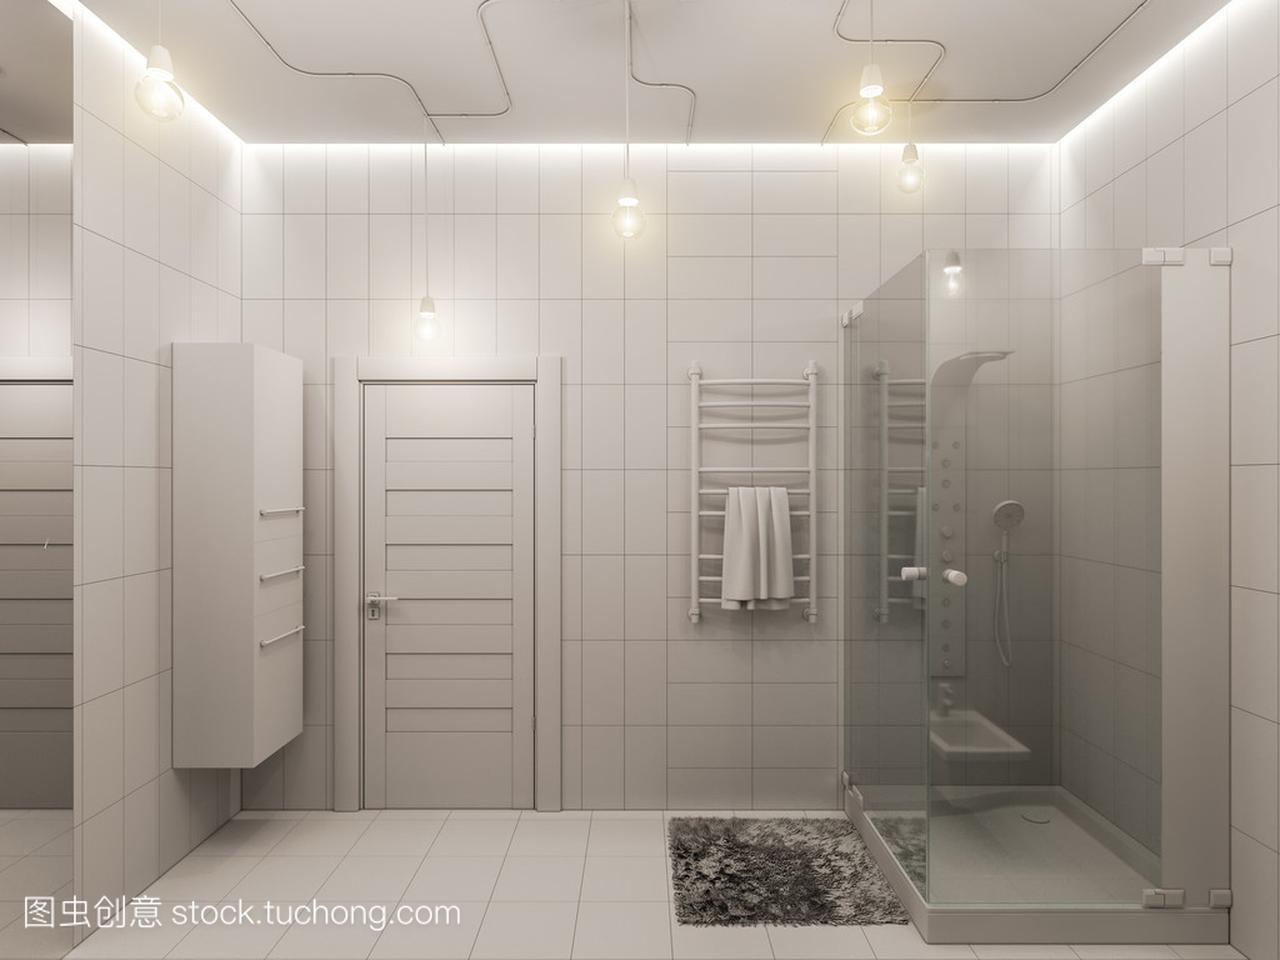 美术学院室内设计的3d渲染四川儿童校园的浴室建筑设计图片